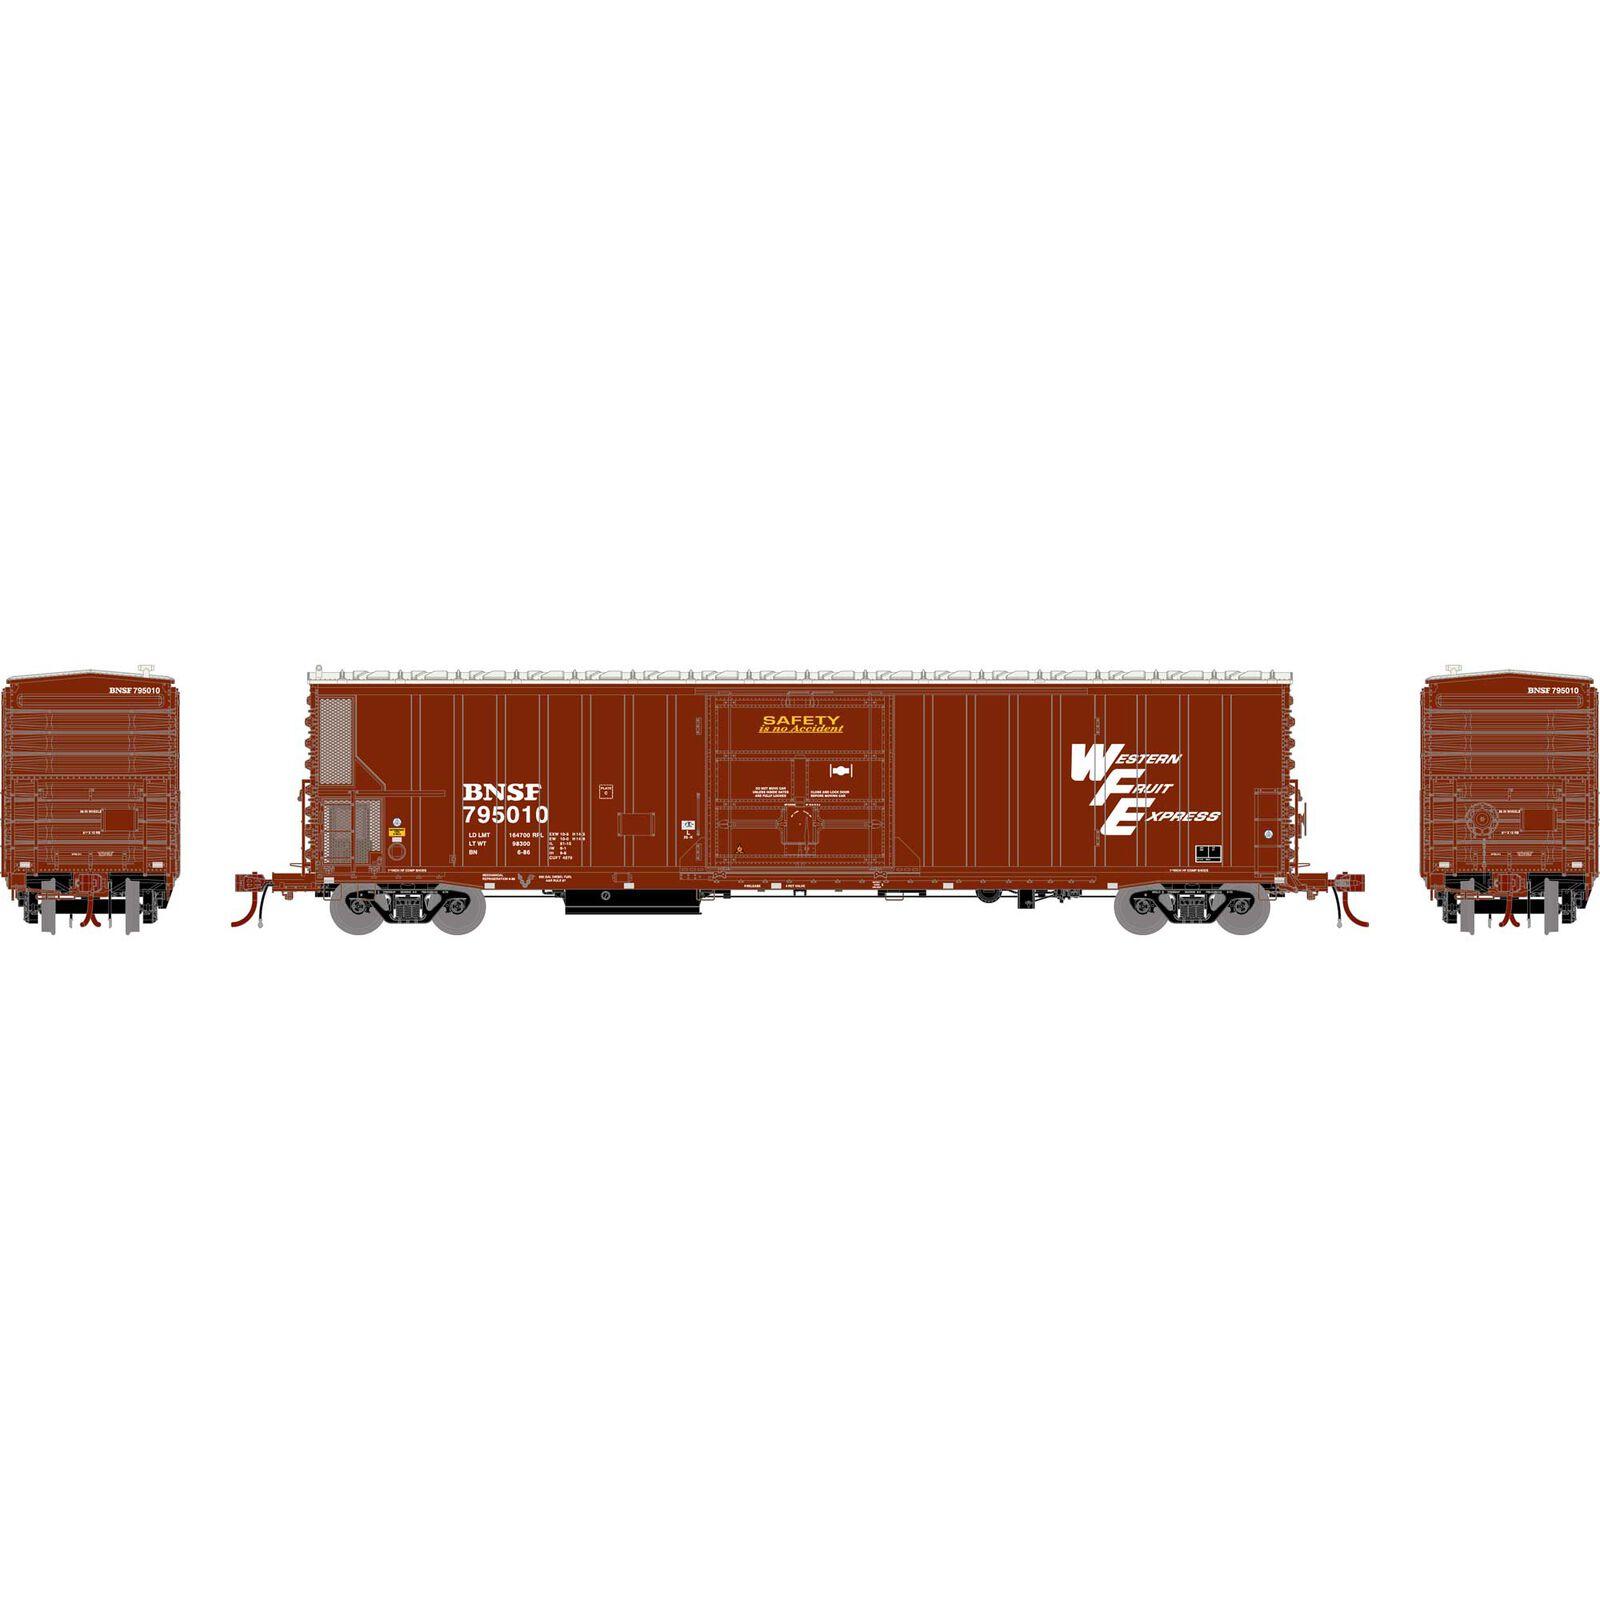 N FGE 57' Mechanical Reefer, BNSF #795010